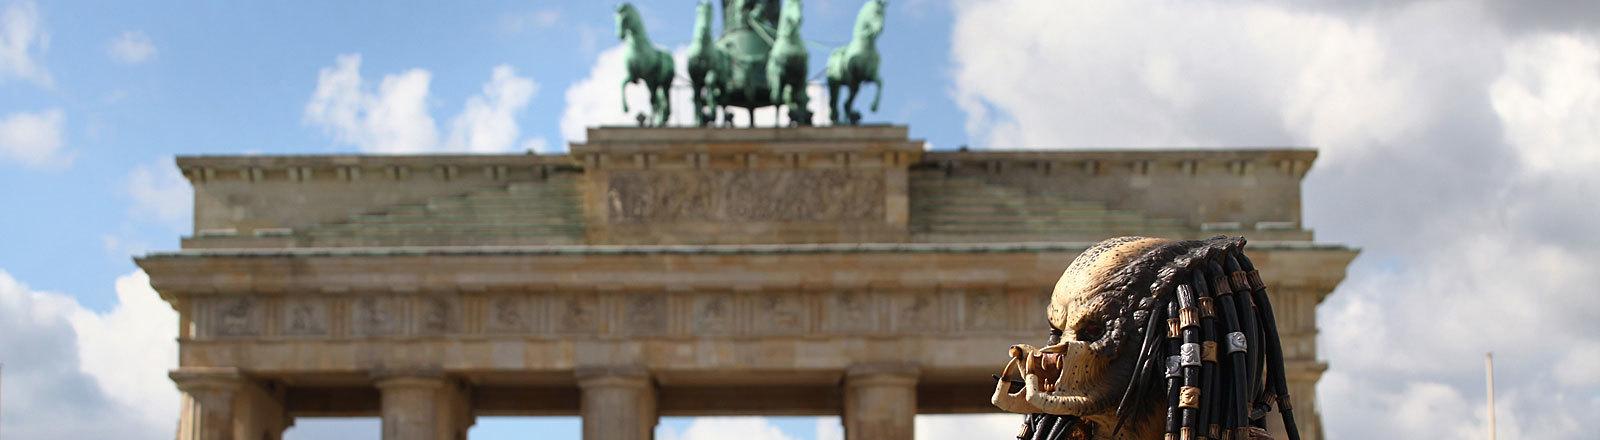 Als Monster verkleideter Mann am Brandenburger Tor